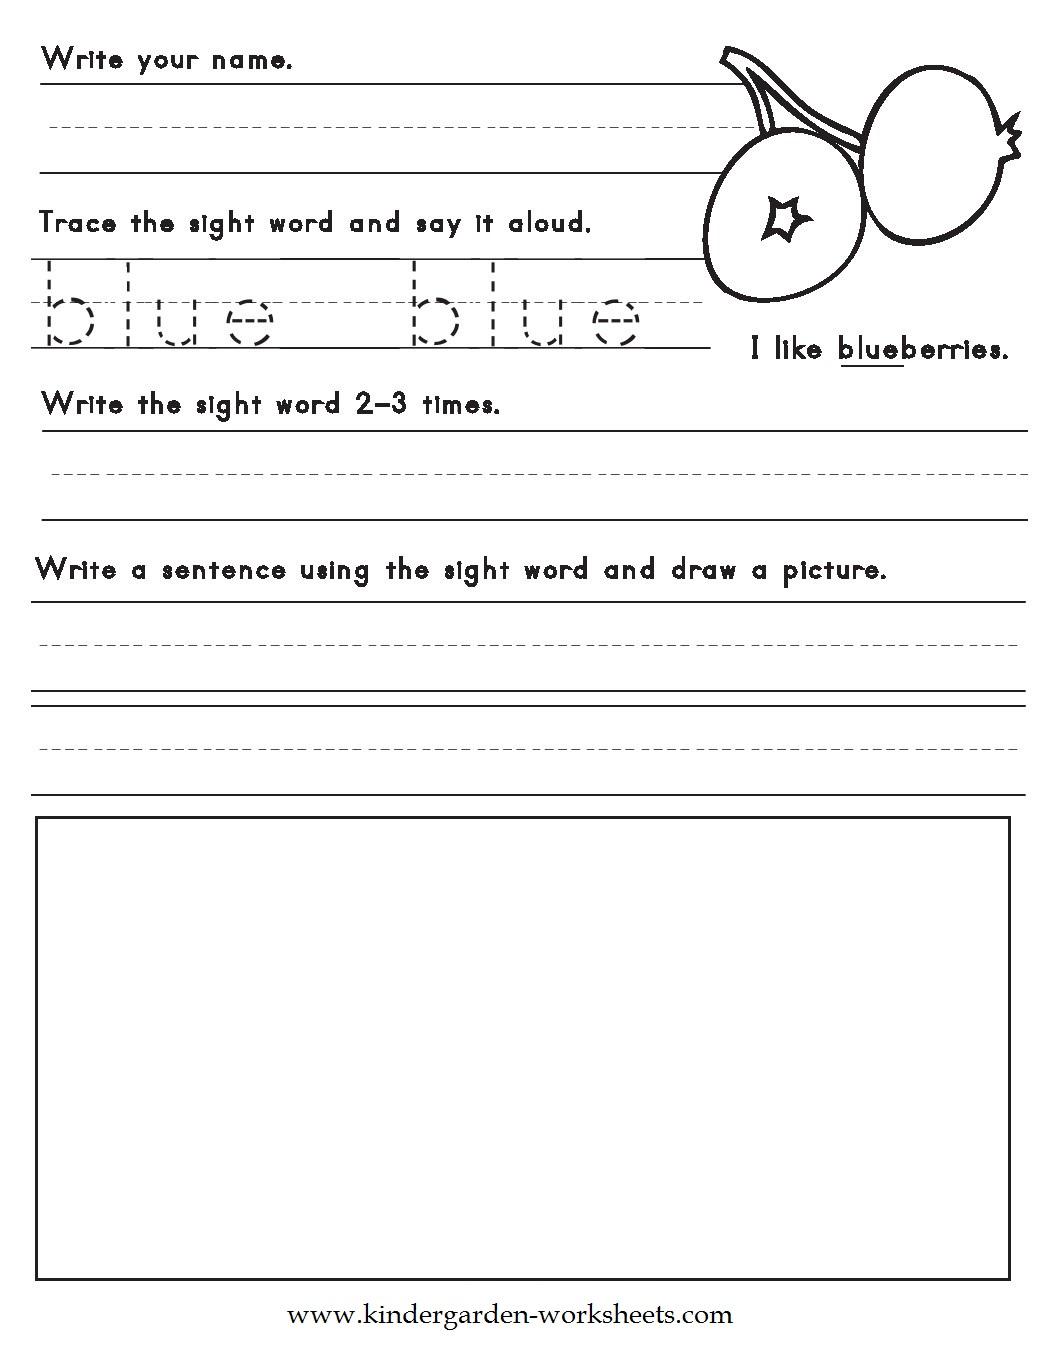 Kindergarten Worksheets: Color Words Worksheets - Blue